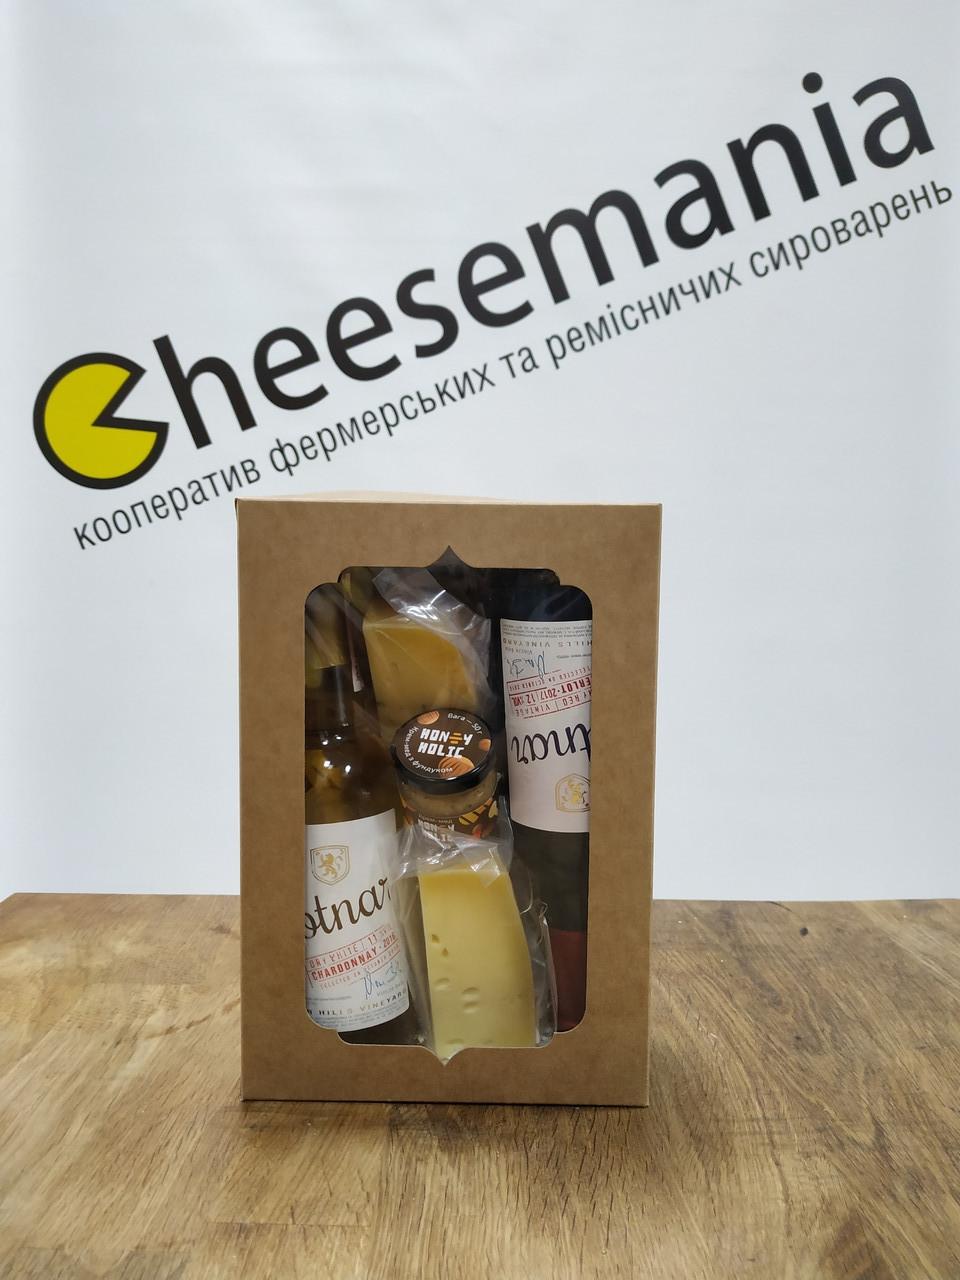 Сирно-винний набір подарунковий Cheesemania